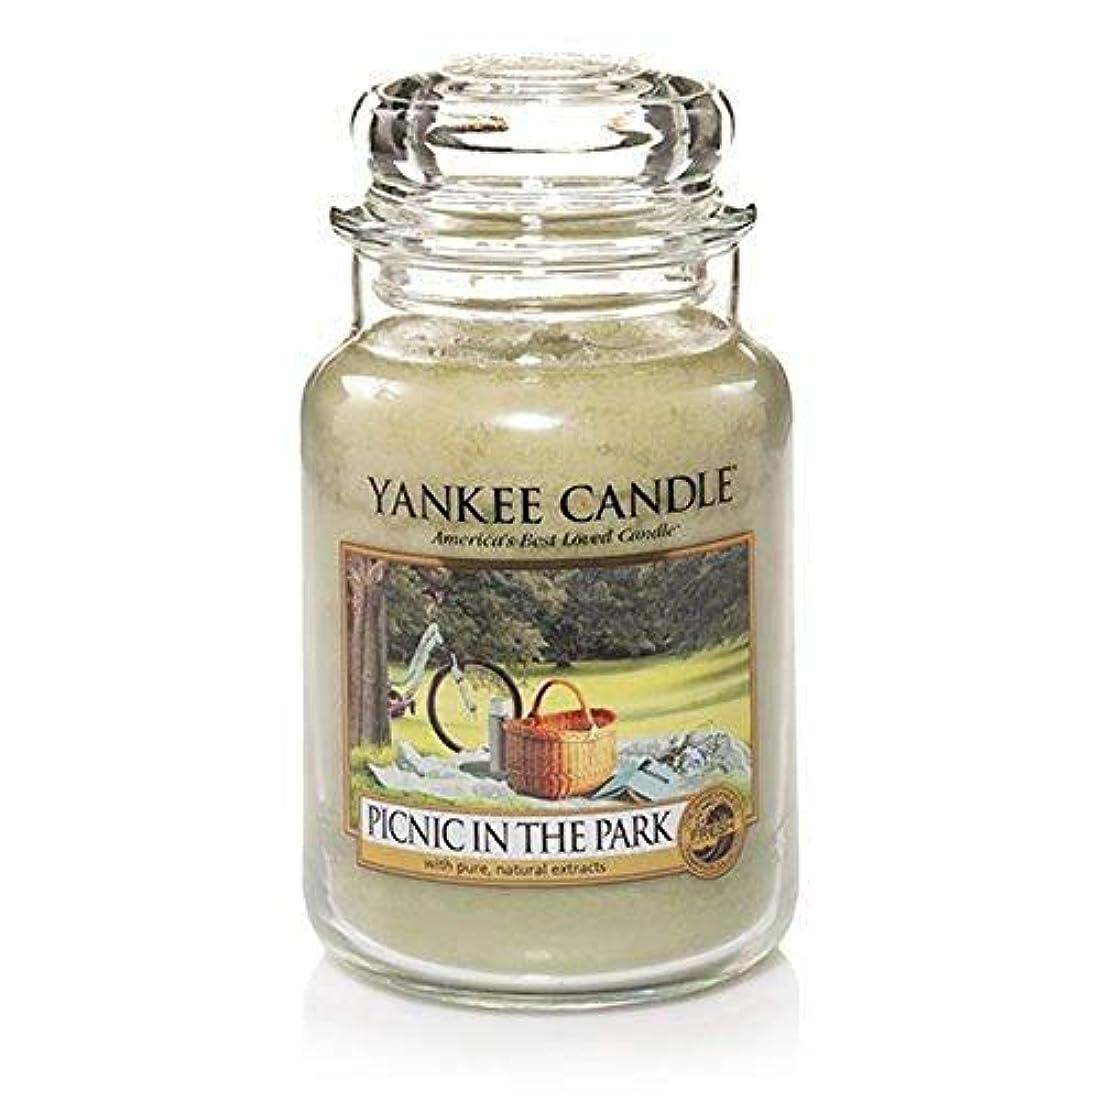 船尾八百屋さん尽きるYankee Candleピクニック公園で、新鮮な香り Large Jar Candle グリーン 1322999